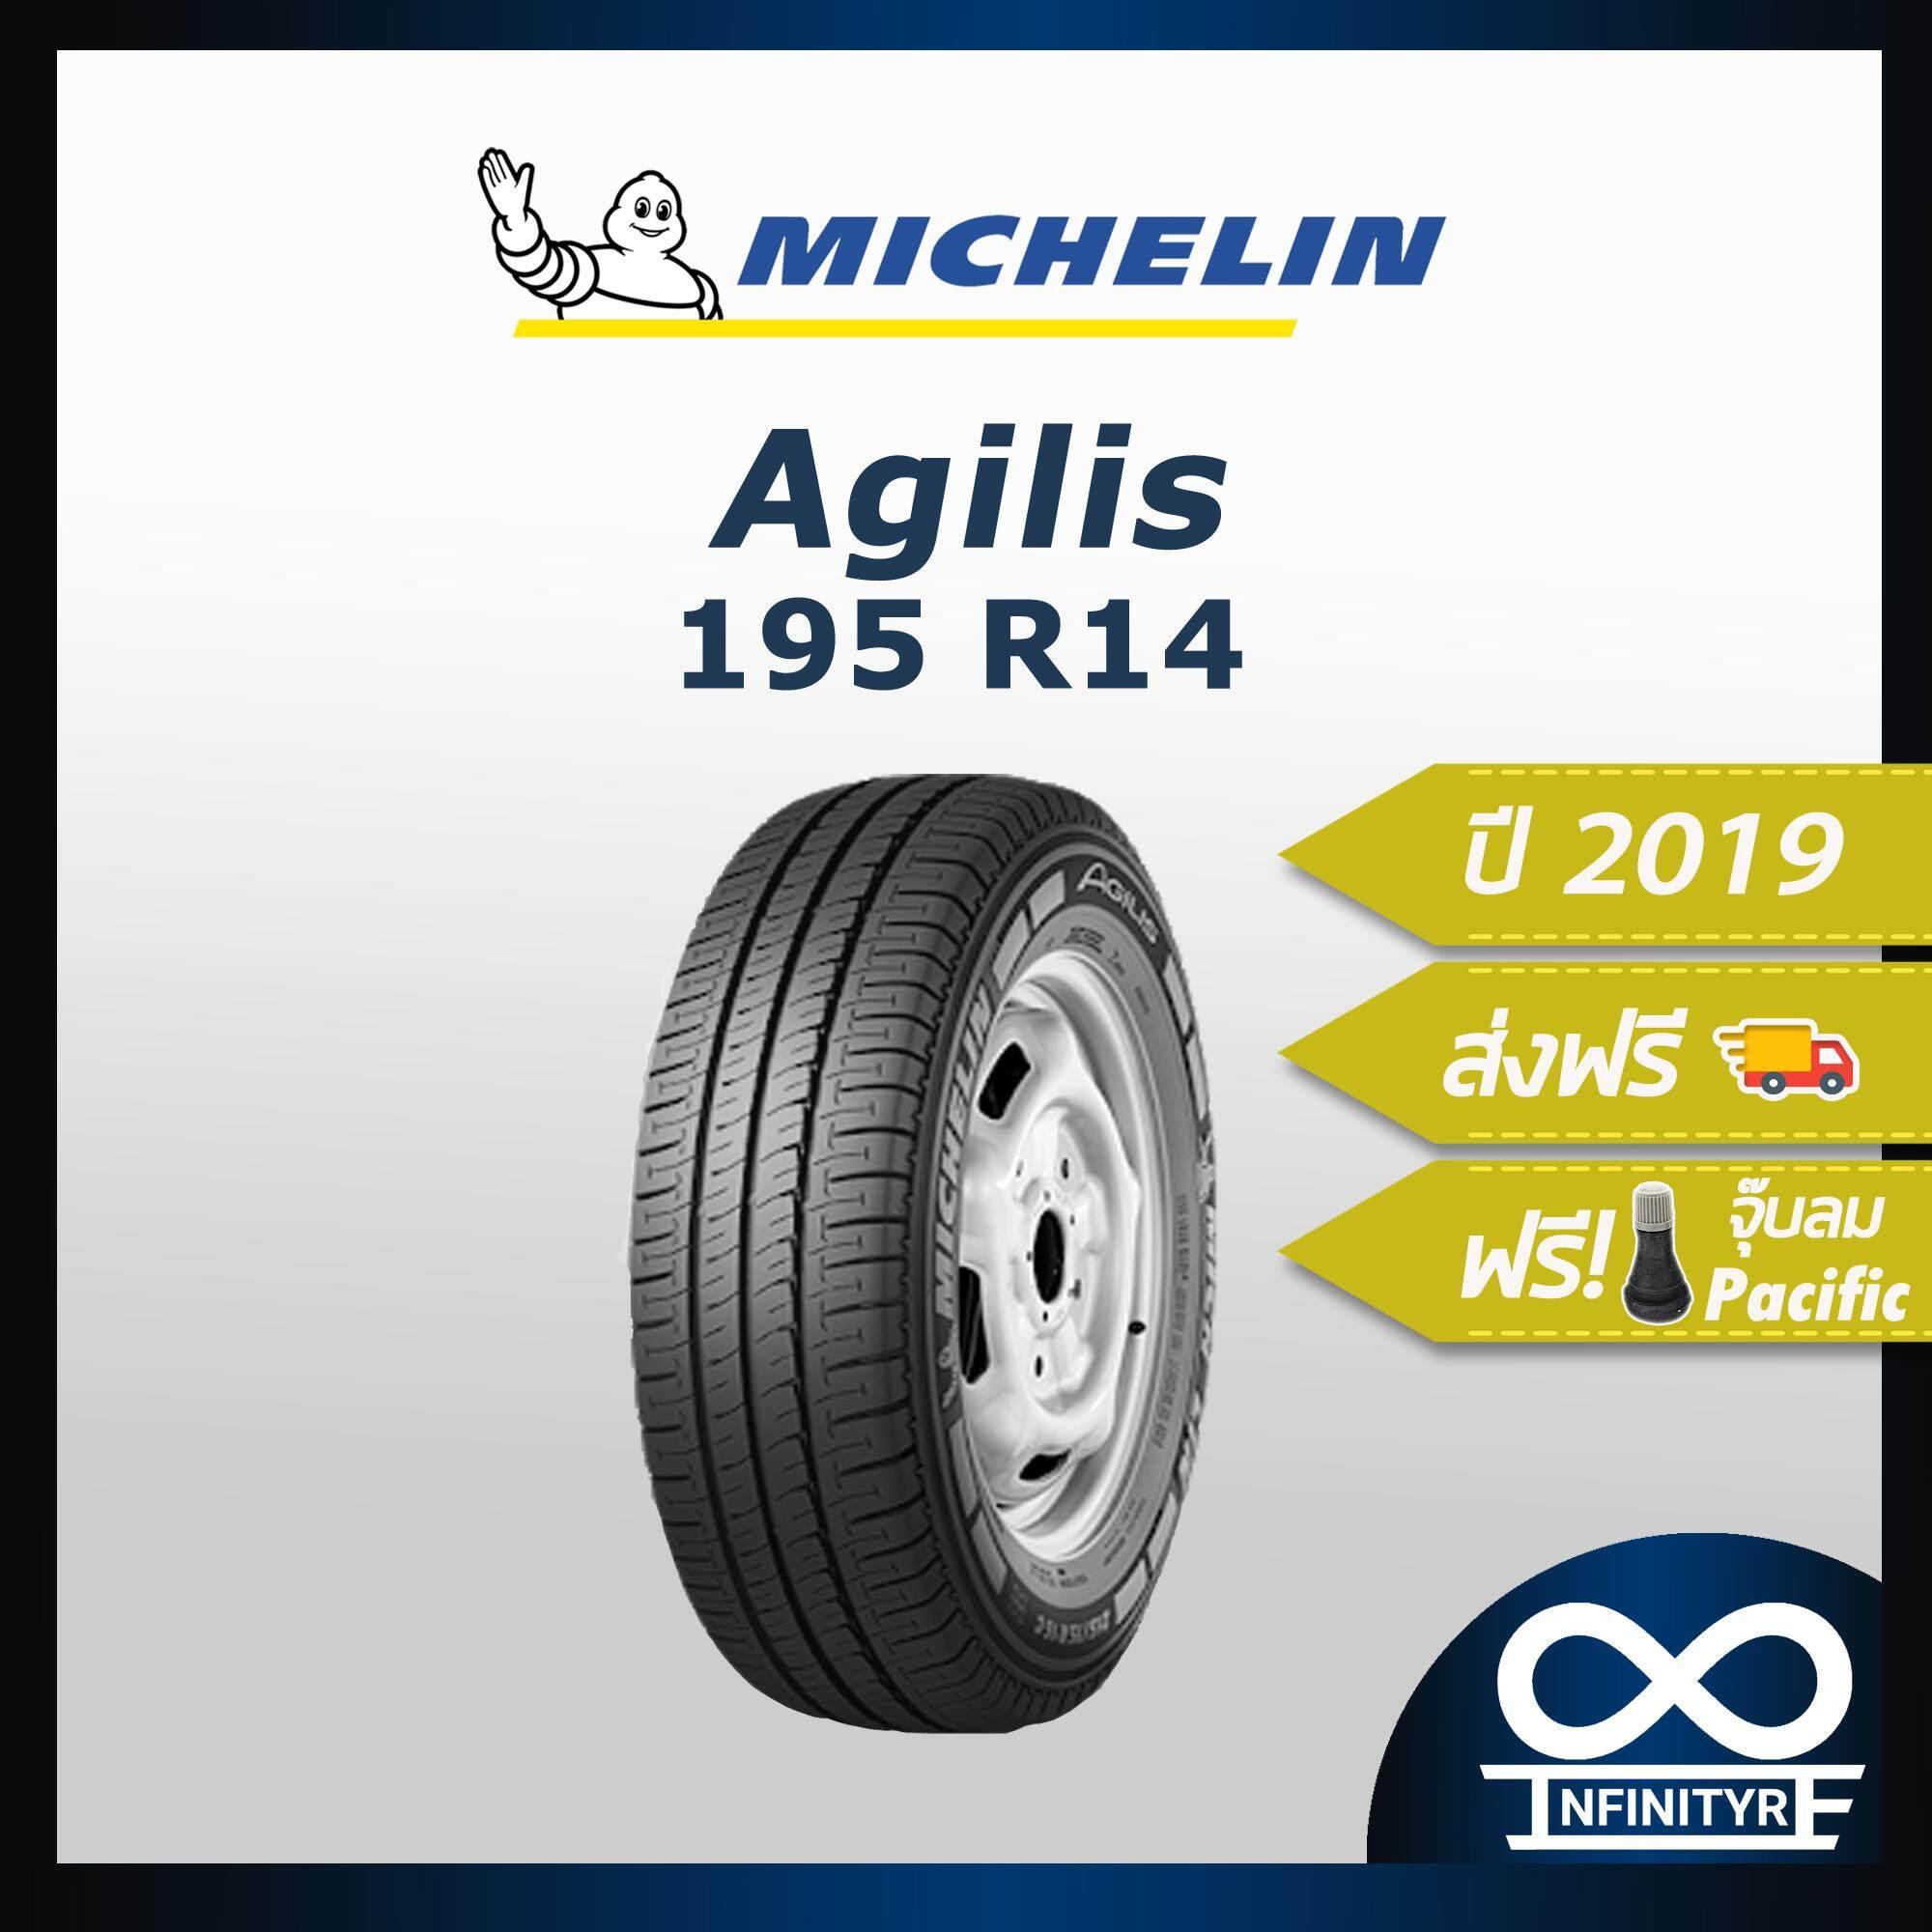 ประกันภัย รถยนต์ 3 พลัส ราคา ถูก นครนายก 195R14 Michelin มิชลิน รุ่น Agilis (ปี2019) ฟรี! จุ๊บลมPacific เกรดพรีเมี่ยม